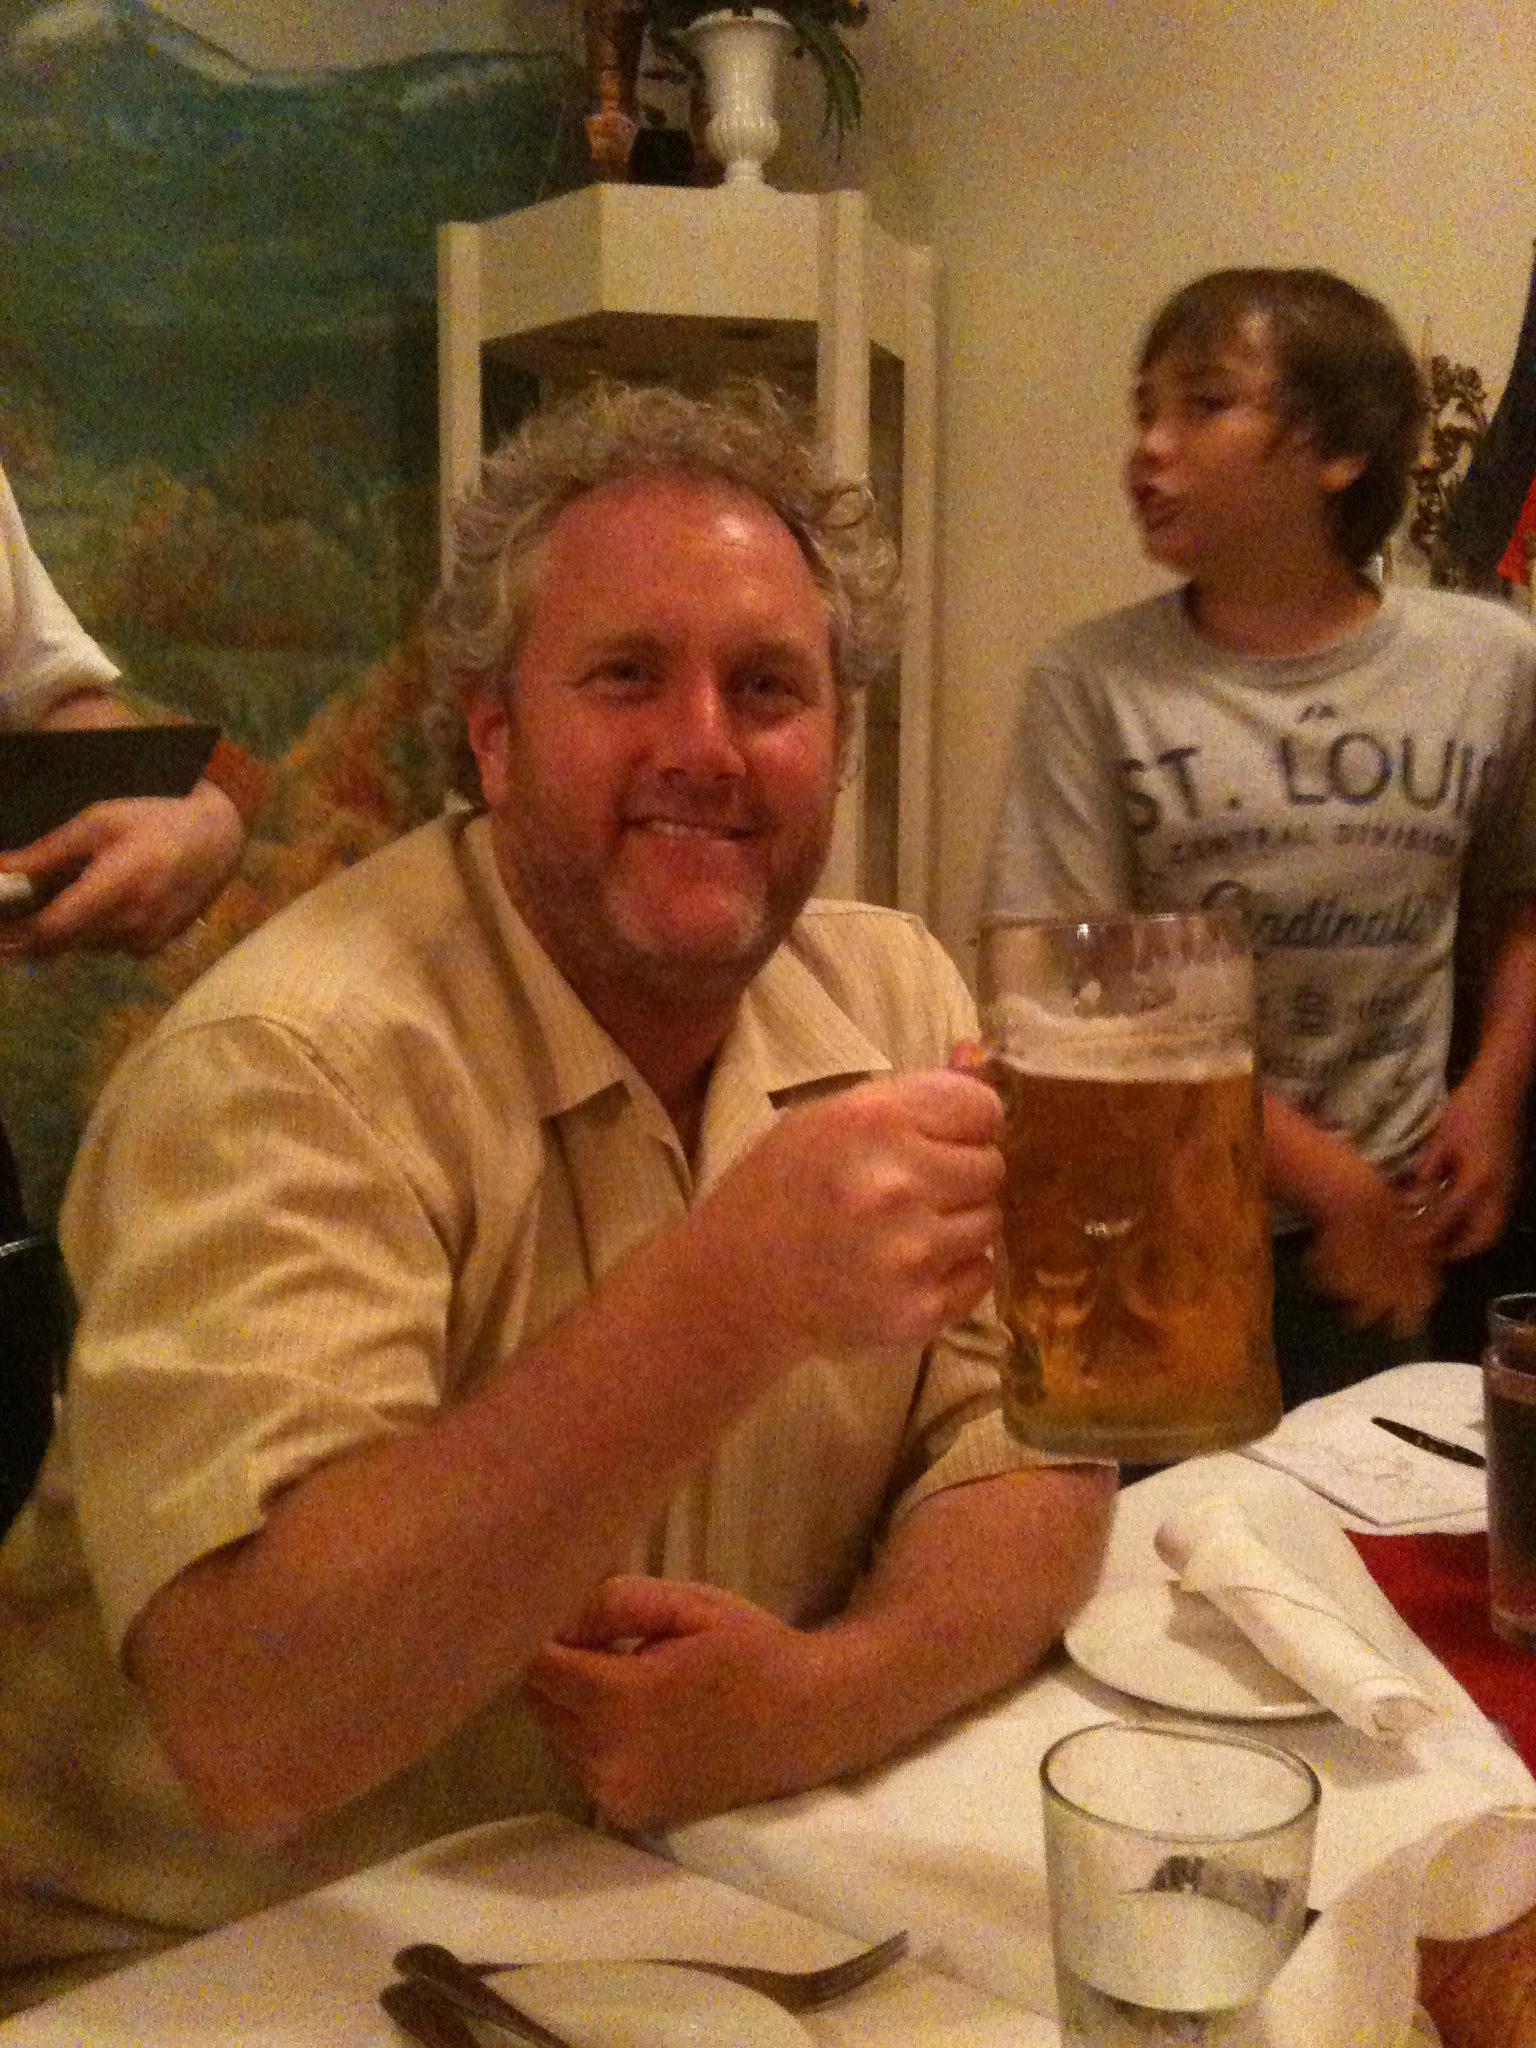 Cheers Andrew